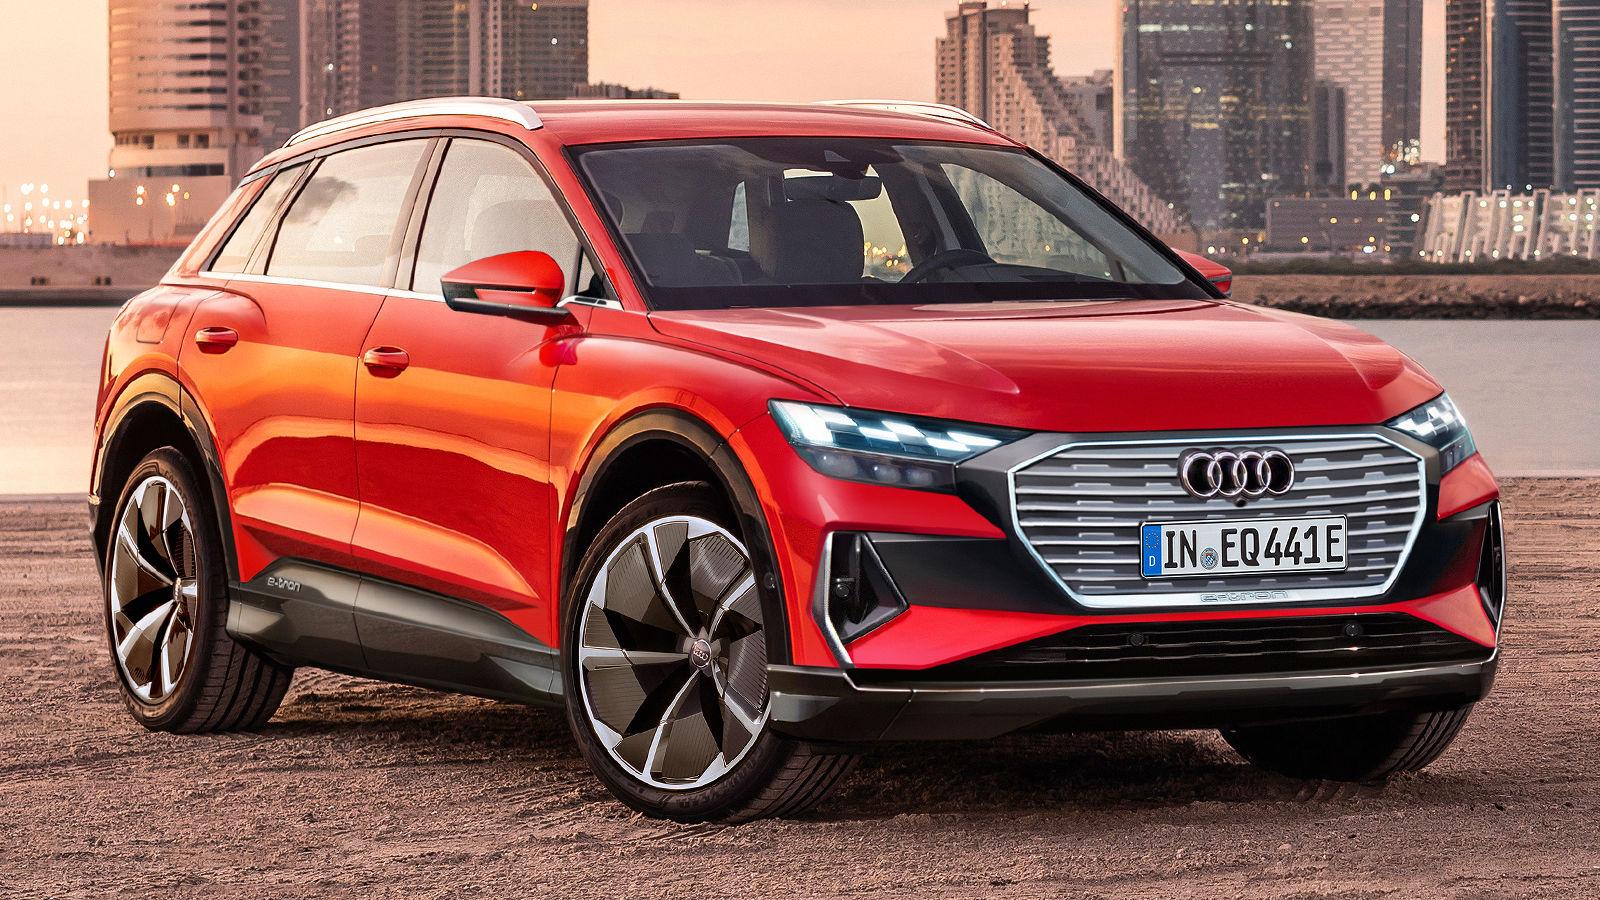 Audi Q4 e-tron (2020): Neuvorstellung - SUV - Elektro ...